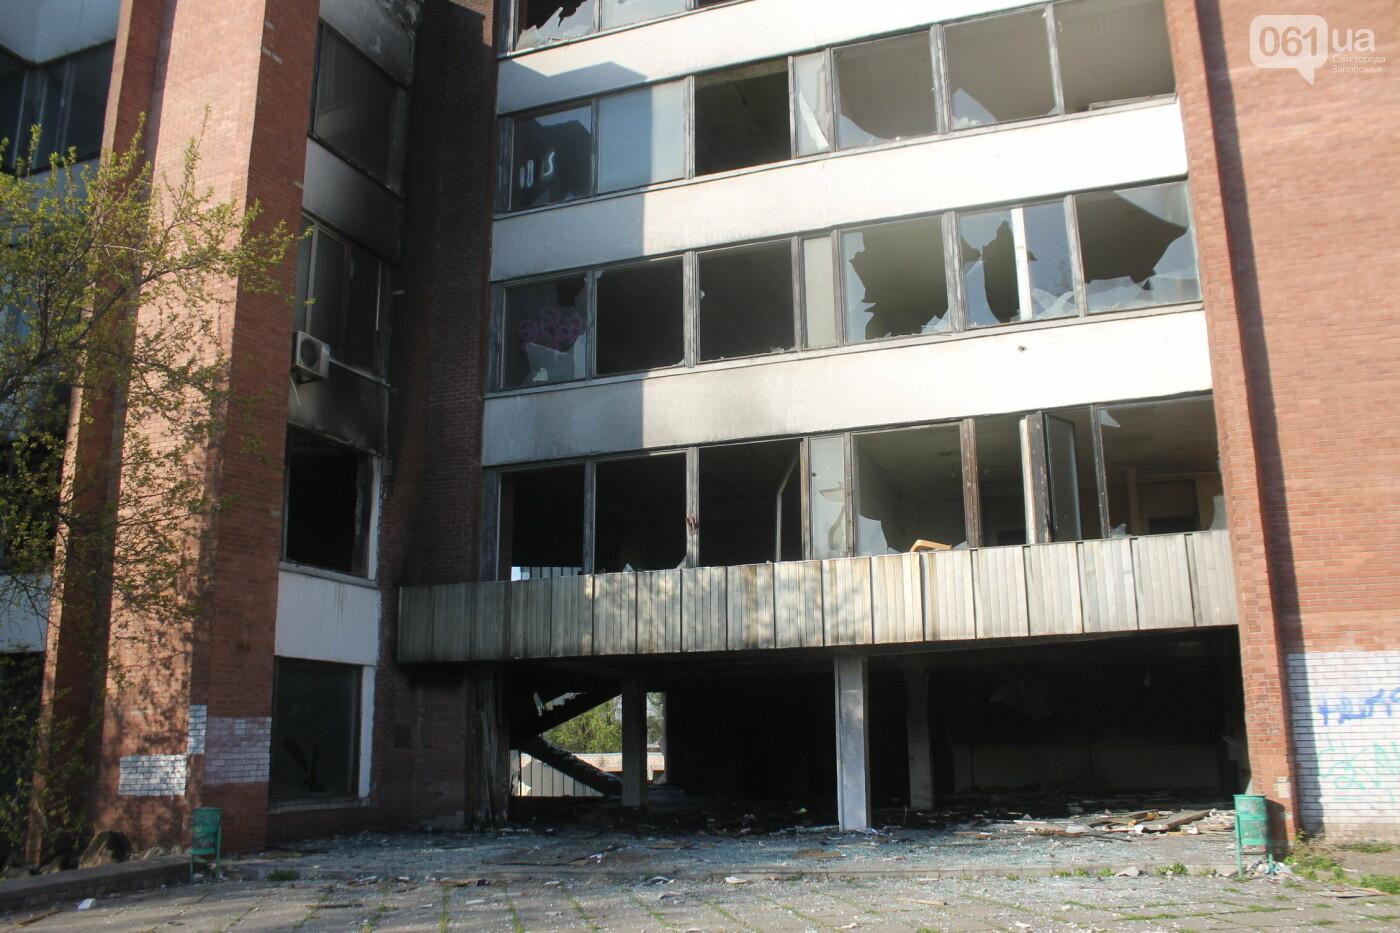 В центре Запорожья разрушается заброшенное здание института «Запорожгражданпроект», – ФОТОРЕПОРТАЖ  , фото-2